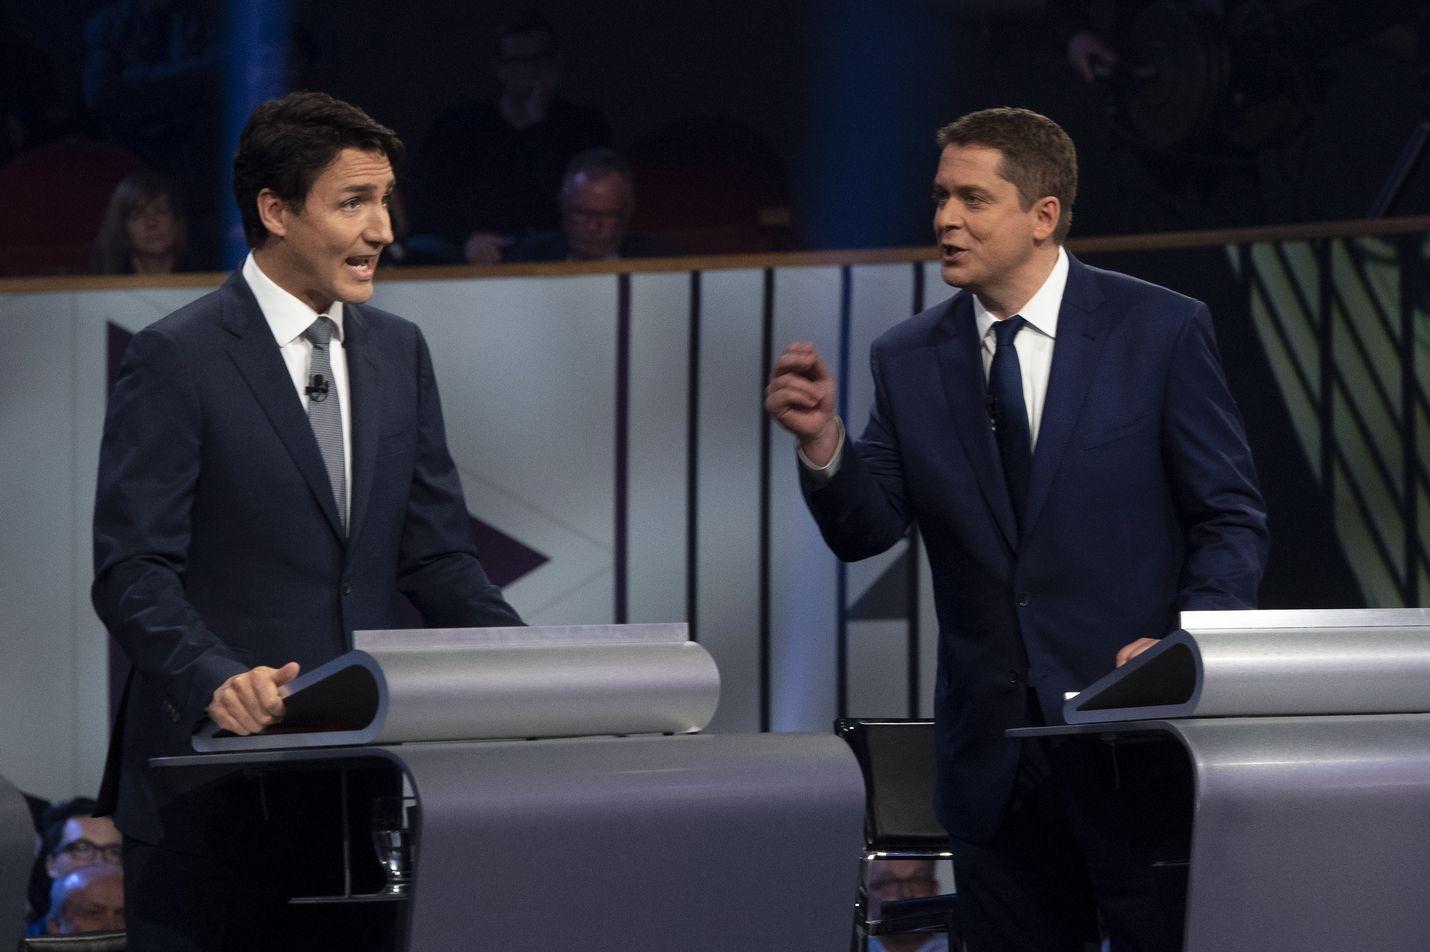 Kanadan pääministeri Justin Trudeau (vas.) ja konservatiivien puheenjohtaja Andrew Scheer sanailivat tiukasti vaaliväittelyssä Quebecin Gatineaussa 10. lokakuuta.